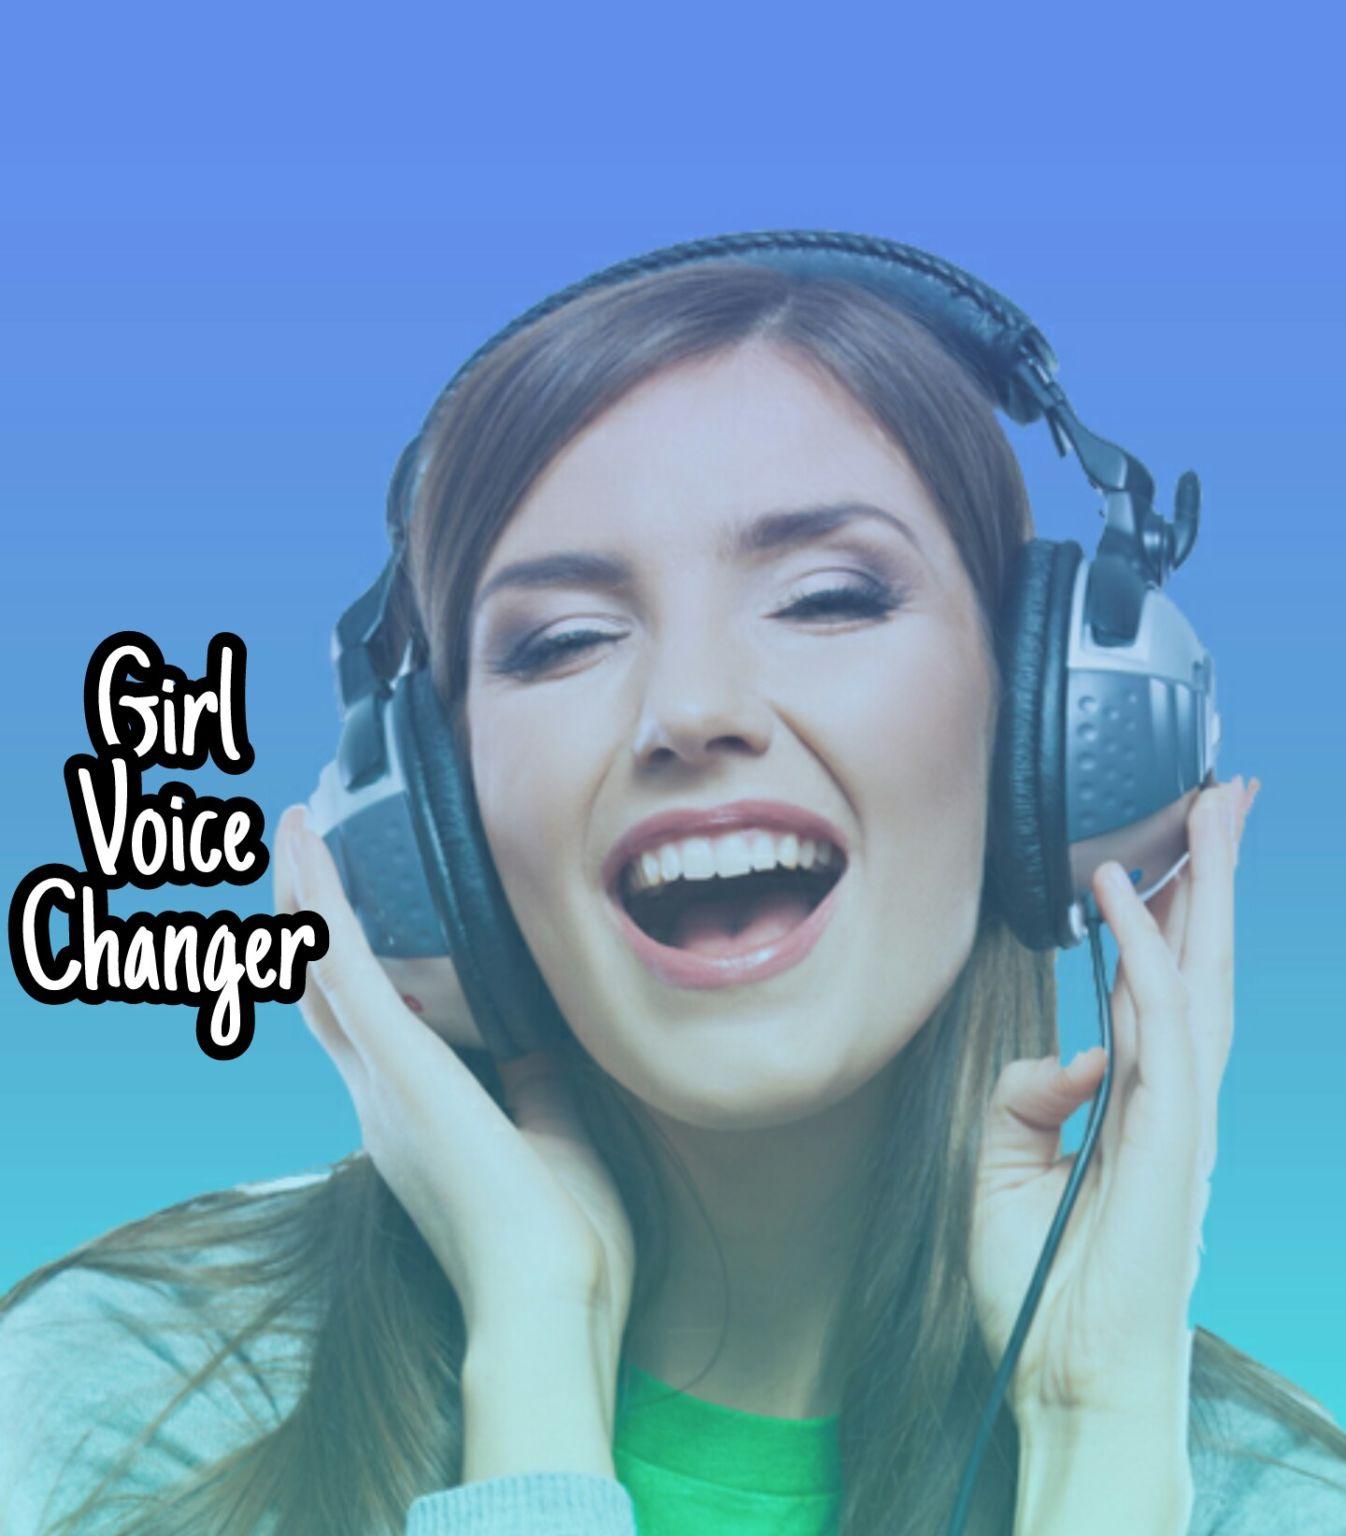 যে কারো Voice মেয়েদের কন্ঠে Change করুন.. সাথে রয়েছে আরো অসাধারণ সব Voice effects..Youtuber দের জন্য Best App…